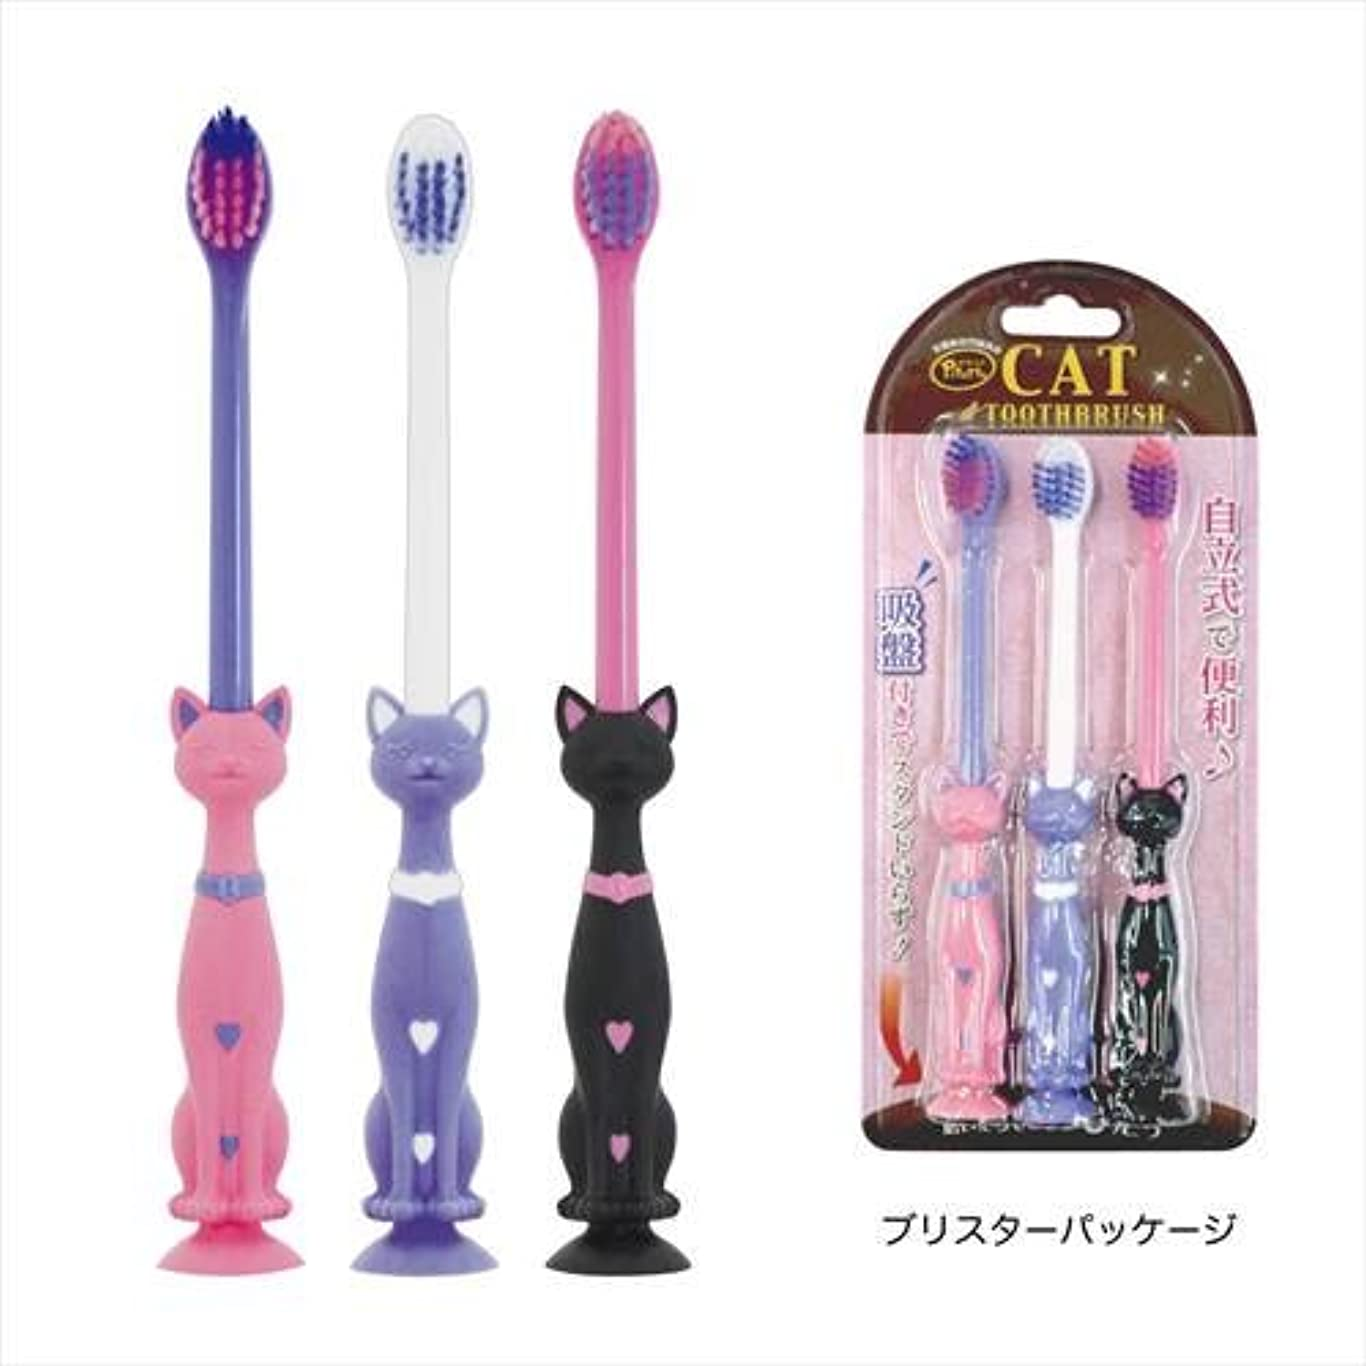 舌な相談見えるファニー歯ブラシ ネコ 3本セット